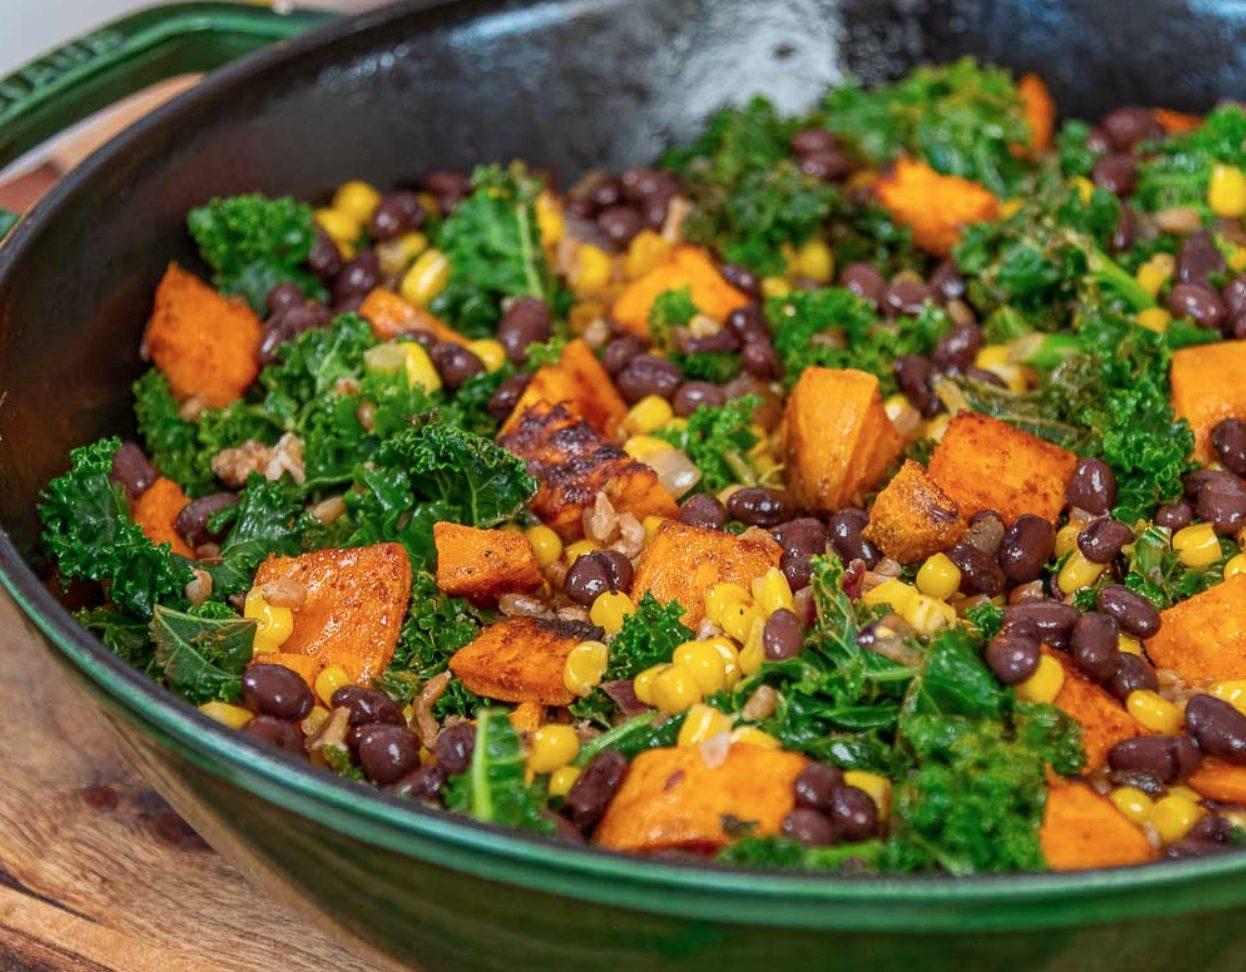 TexMex Kale & Sweet Potato Bowl